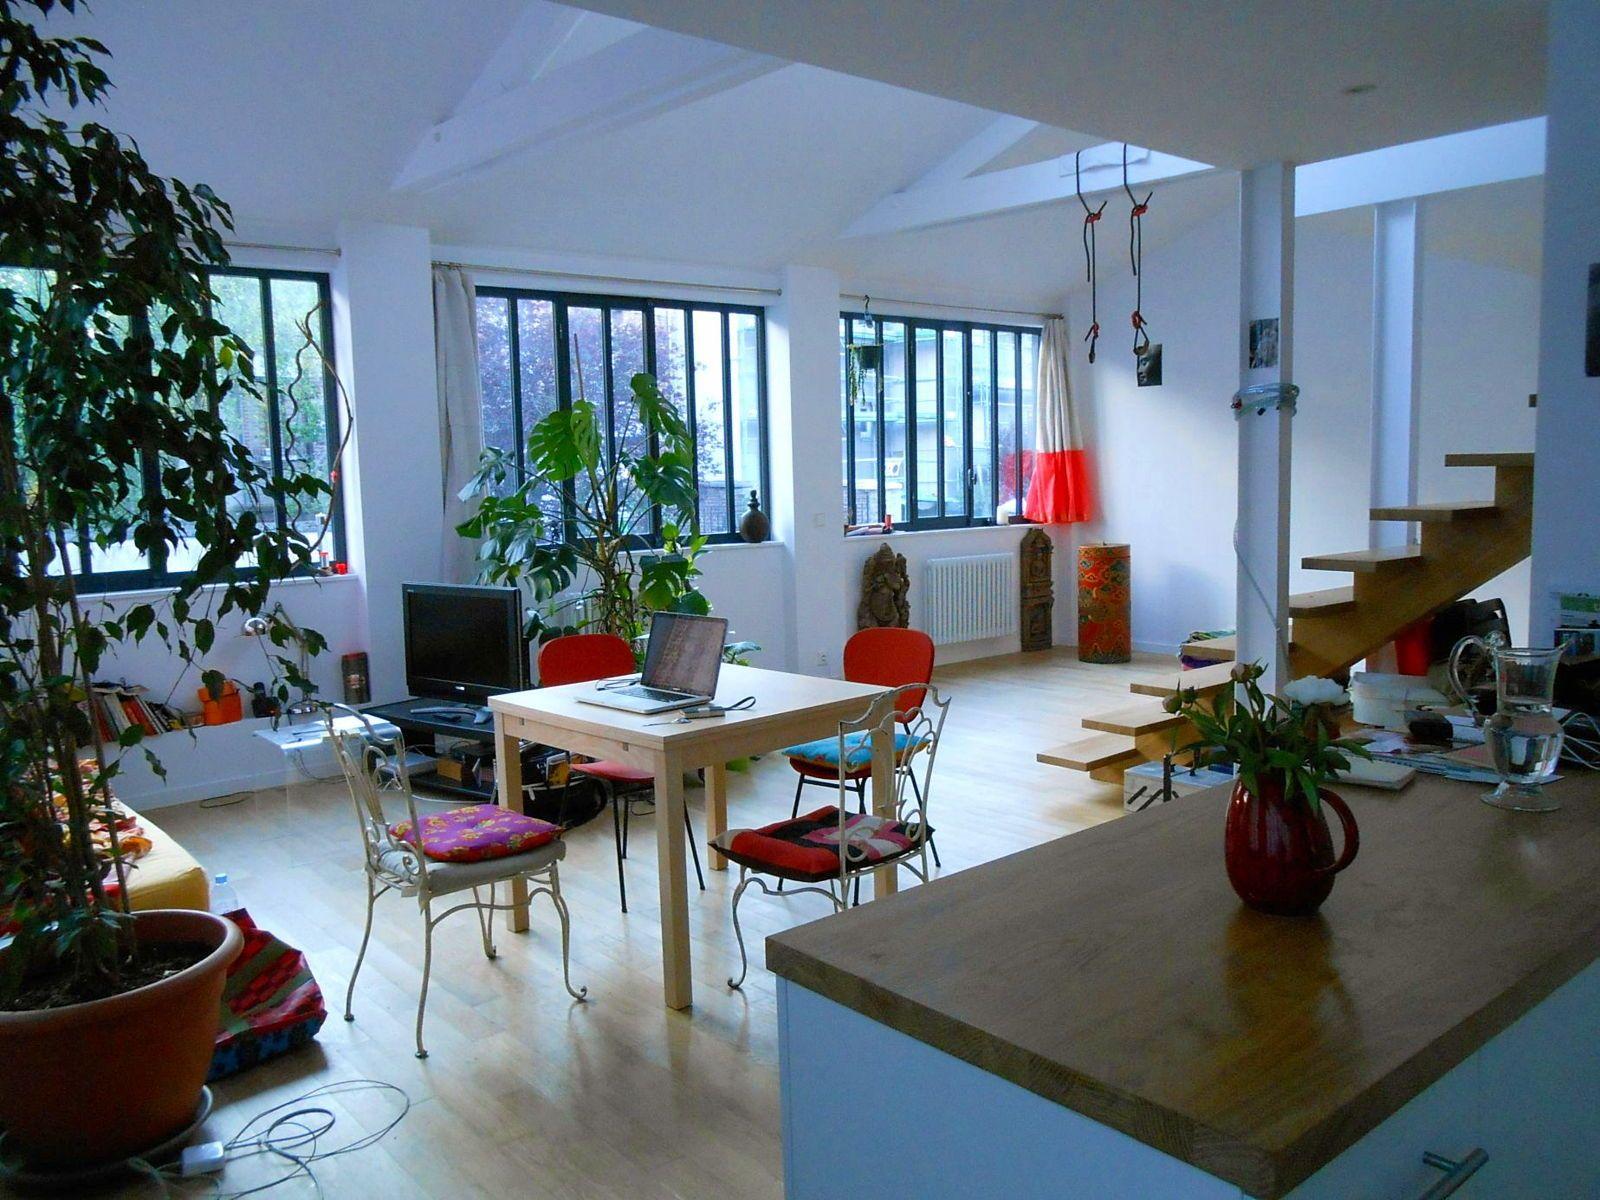 Loue temporairement loft calme et lumineux à Montreuil - 3chambres, 120m²